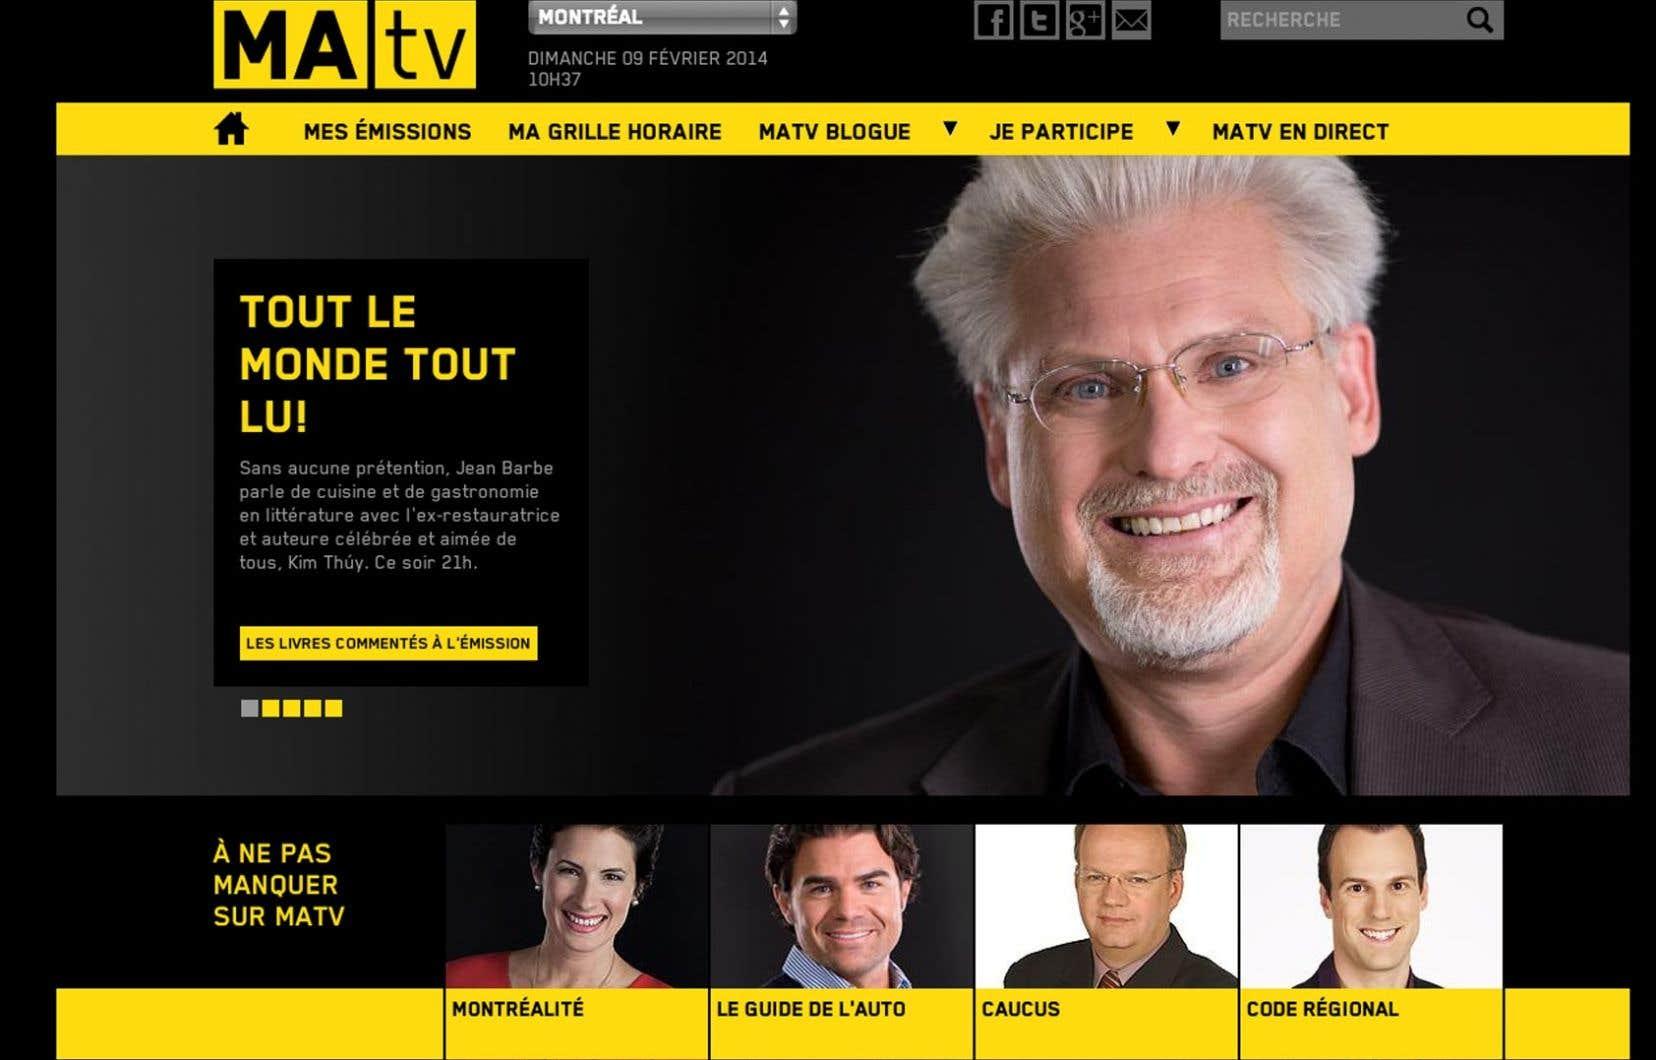 MAtv, la chaîne communautaire francophone de Montréal financée par Vidéotron